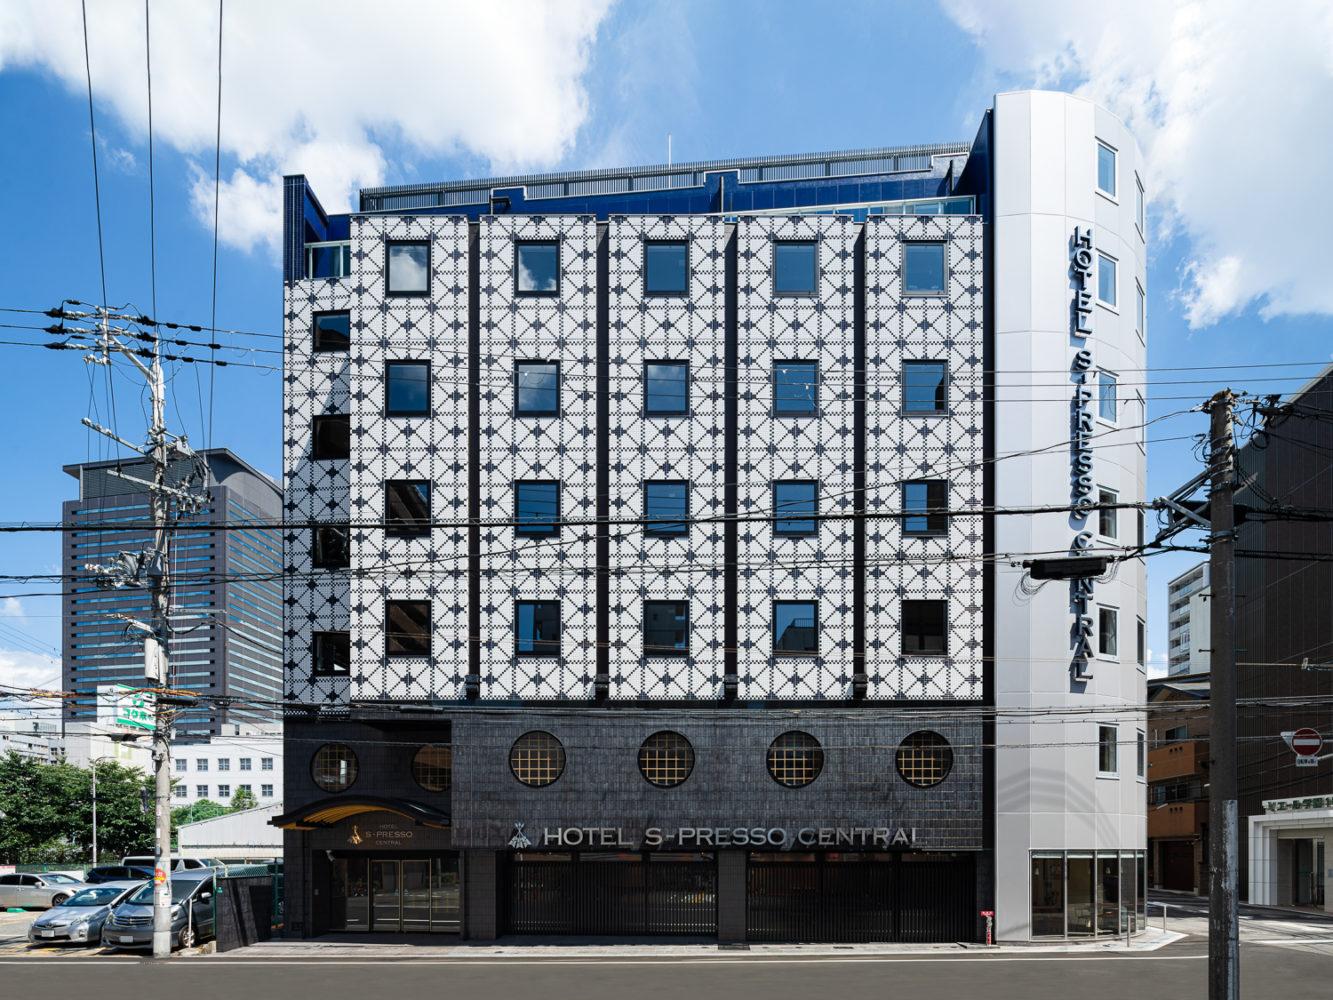 HOTEL S-PRESSO CENTRAL 難波中